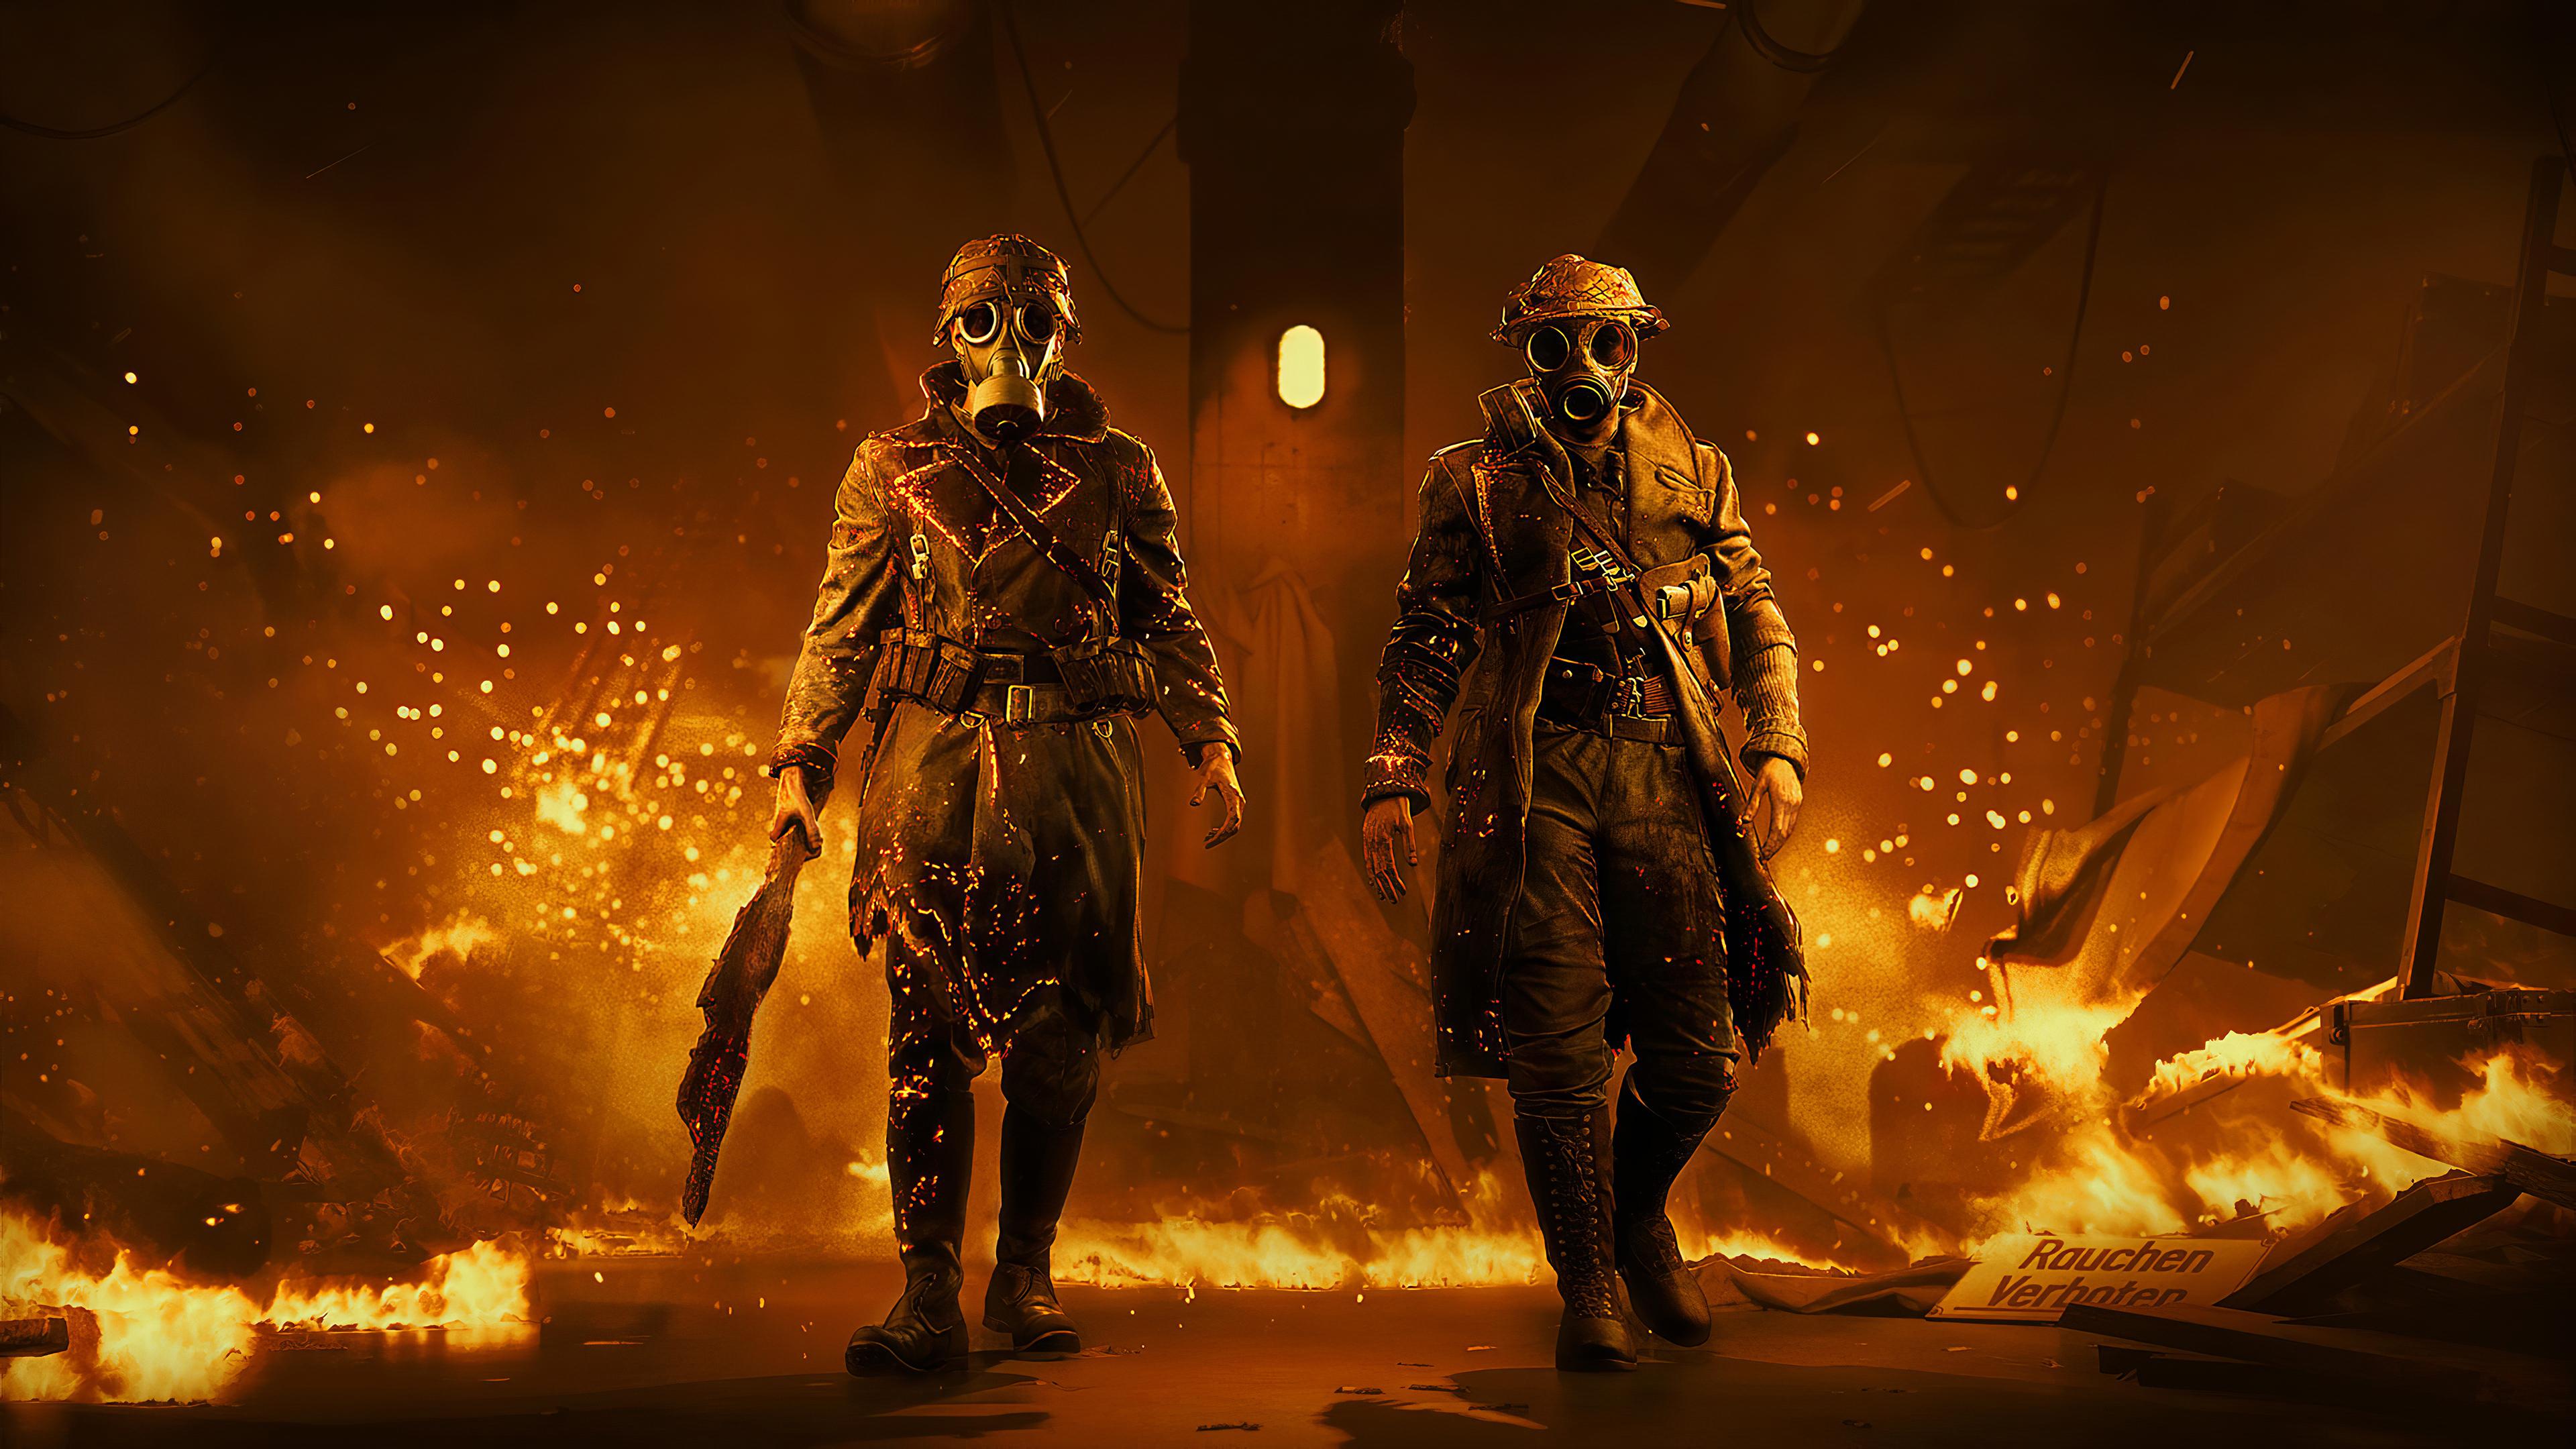 Battlefield 5 Game Fanart 4k Wallpaper Hd Games 4k